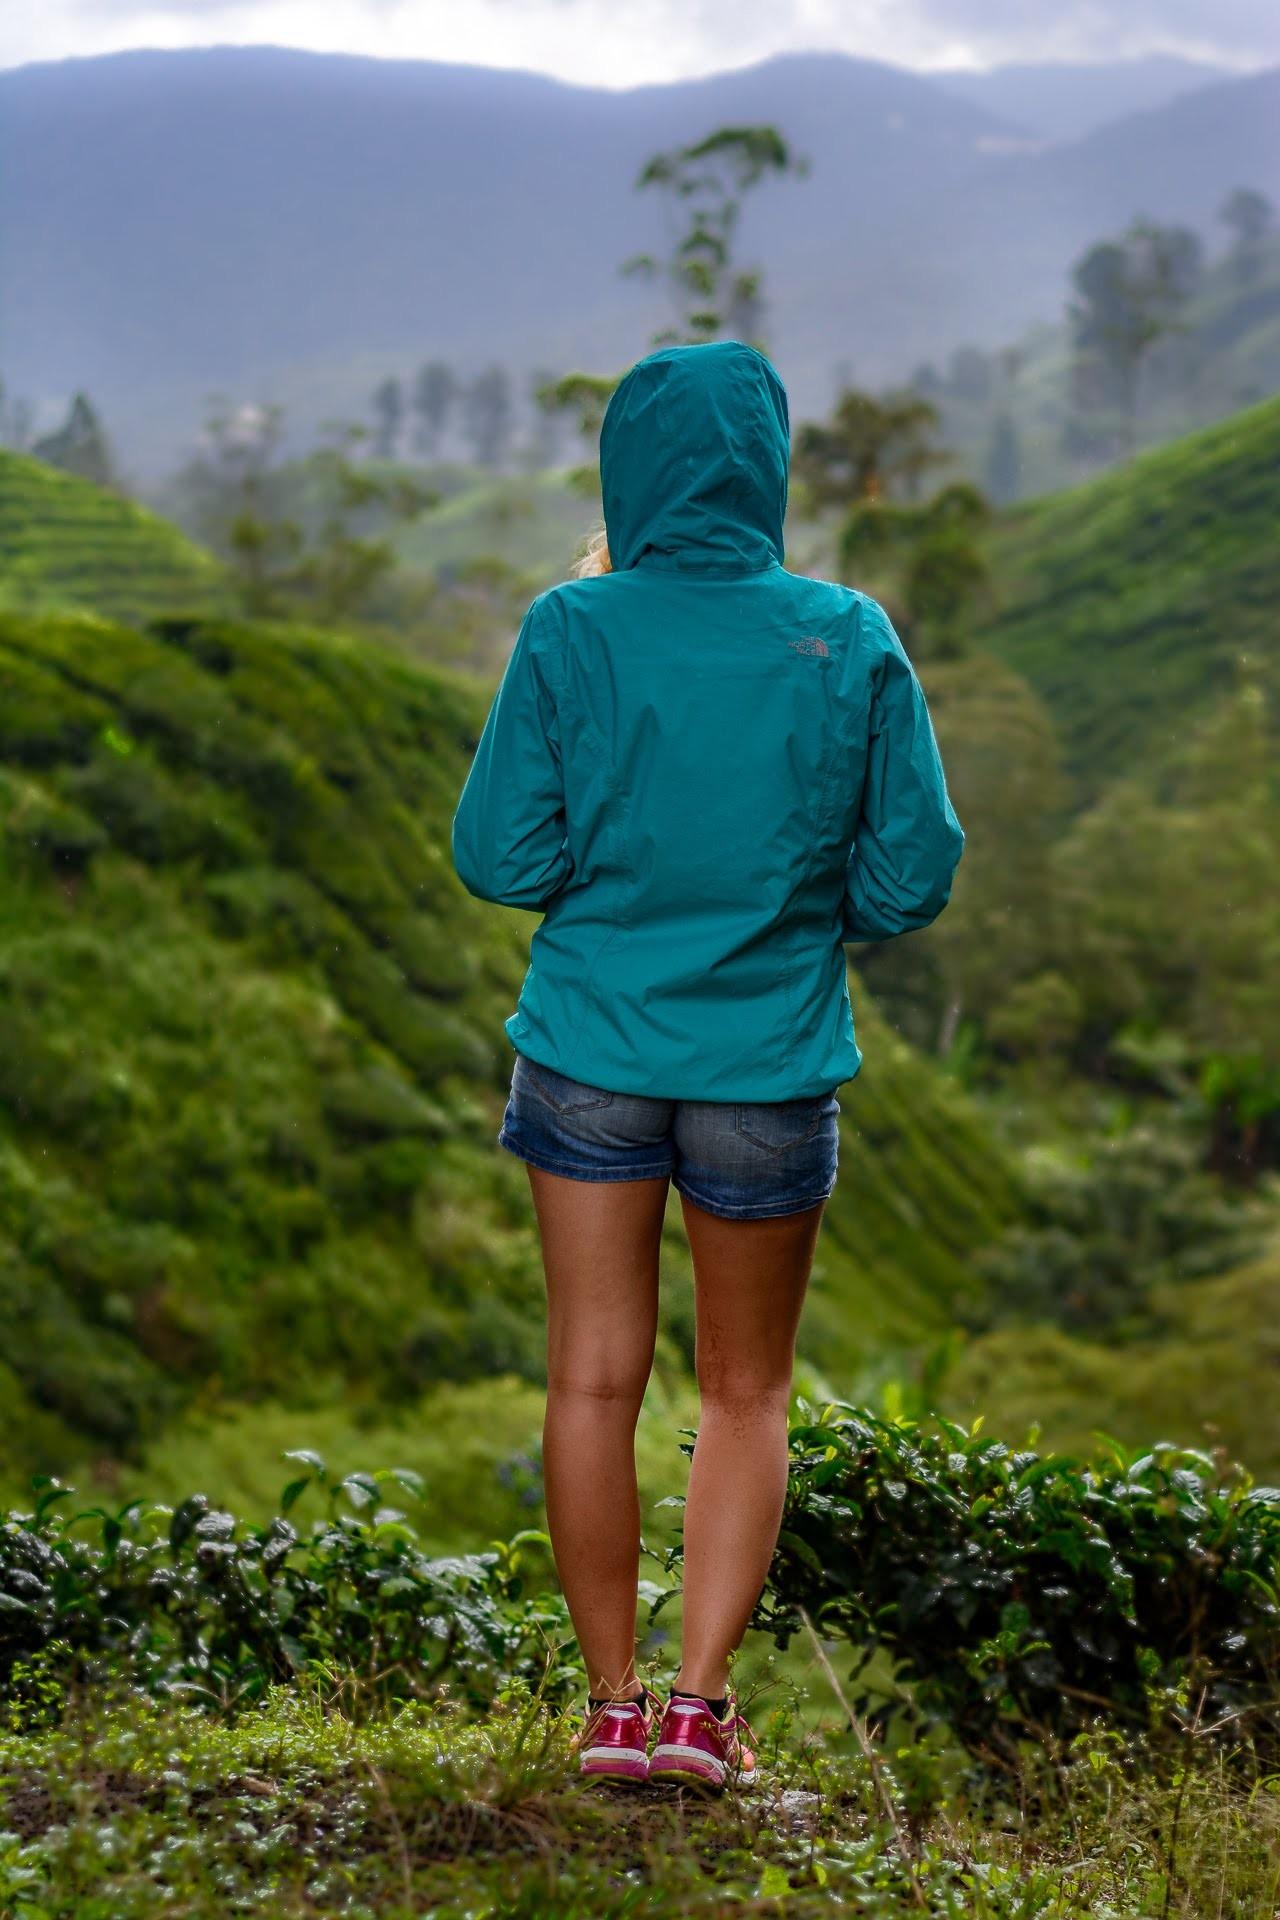 Čajové plantáže - Malajsie cestopis, Martin Šístek